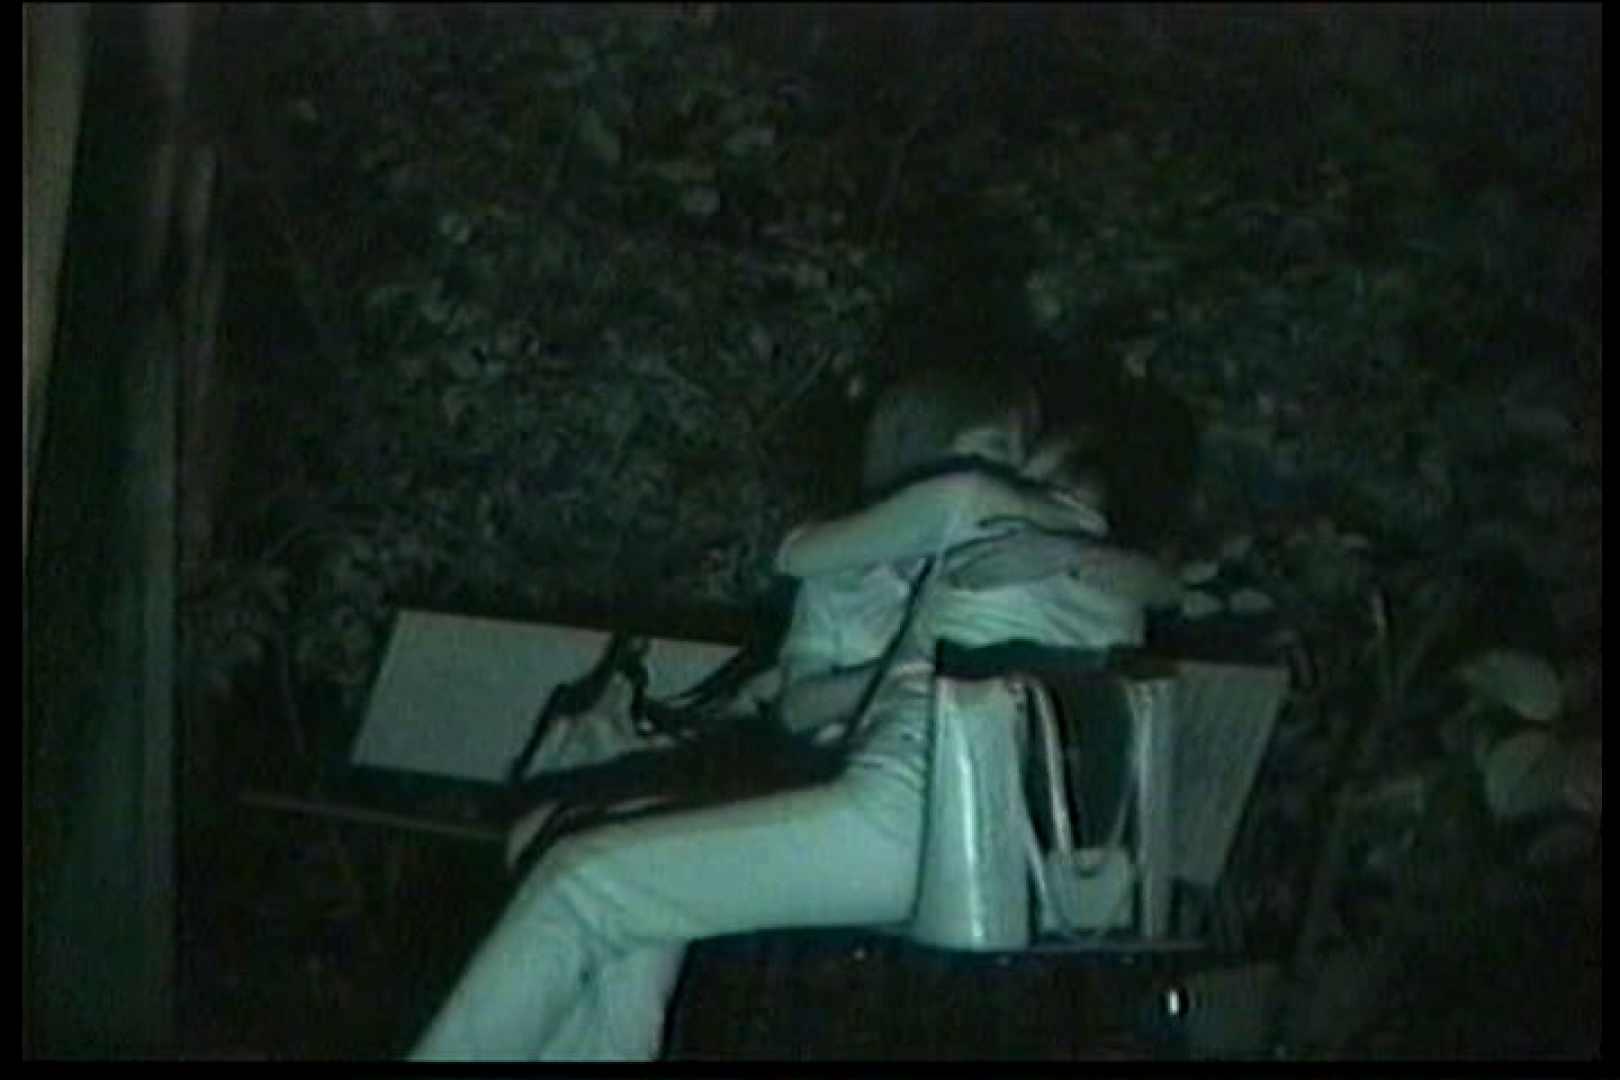 闇の仕掛け人 無修正版 Vol.16 OLヌード天国 エロ画像 78PIX 37